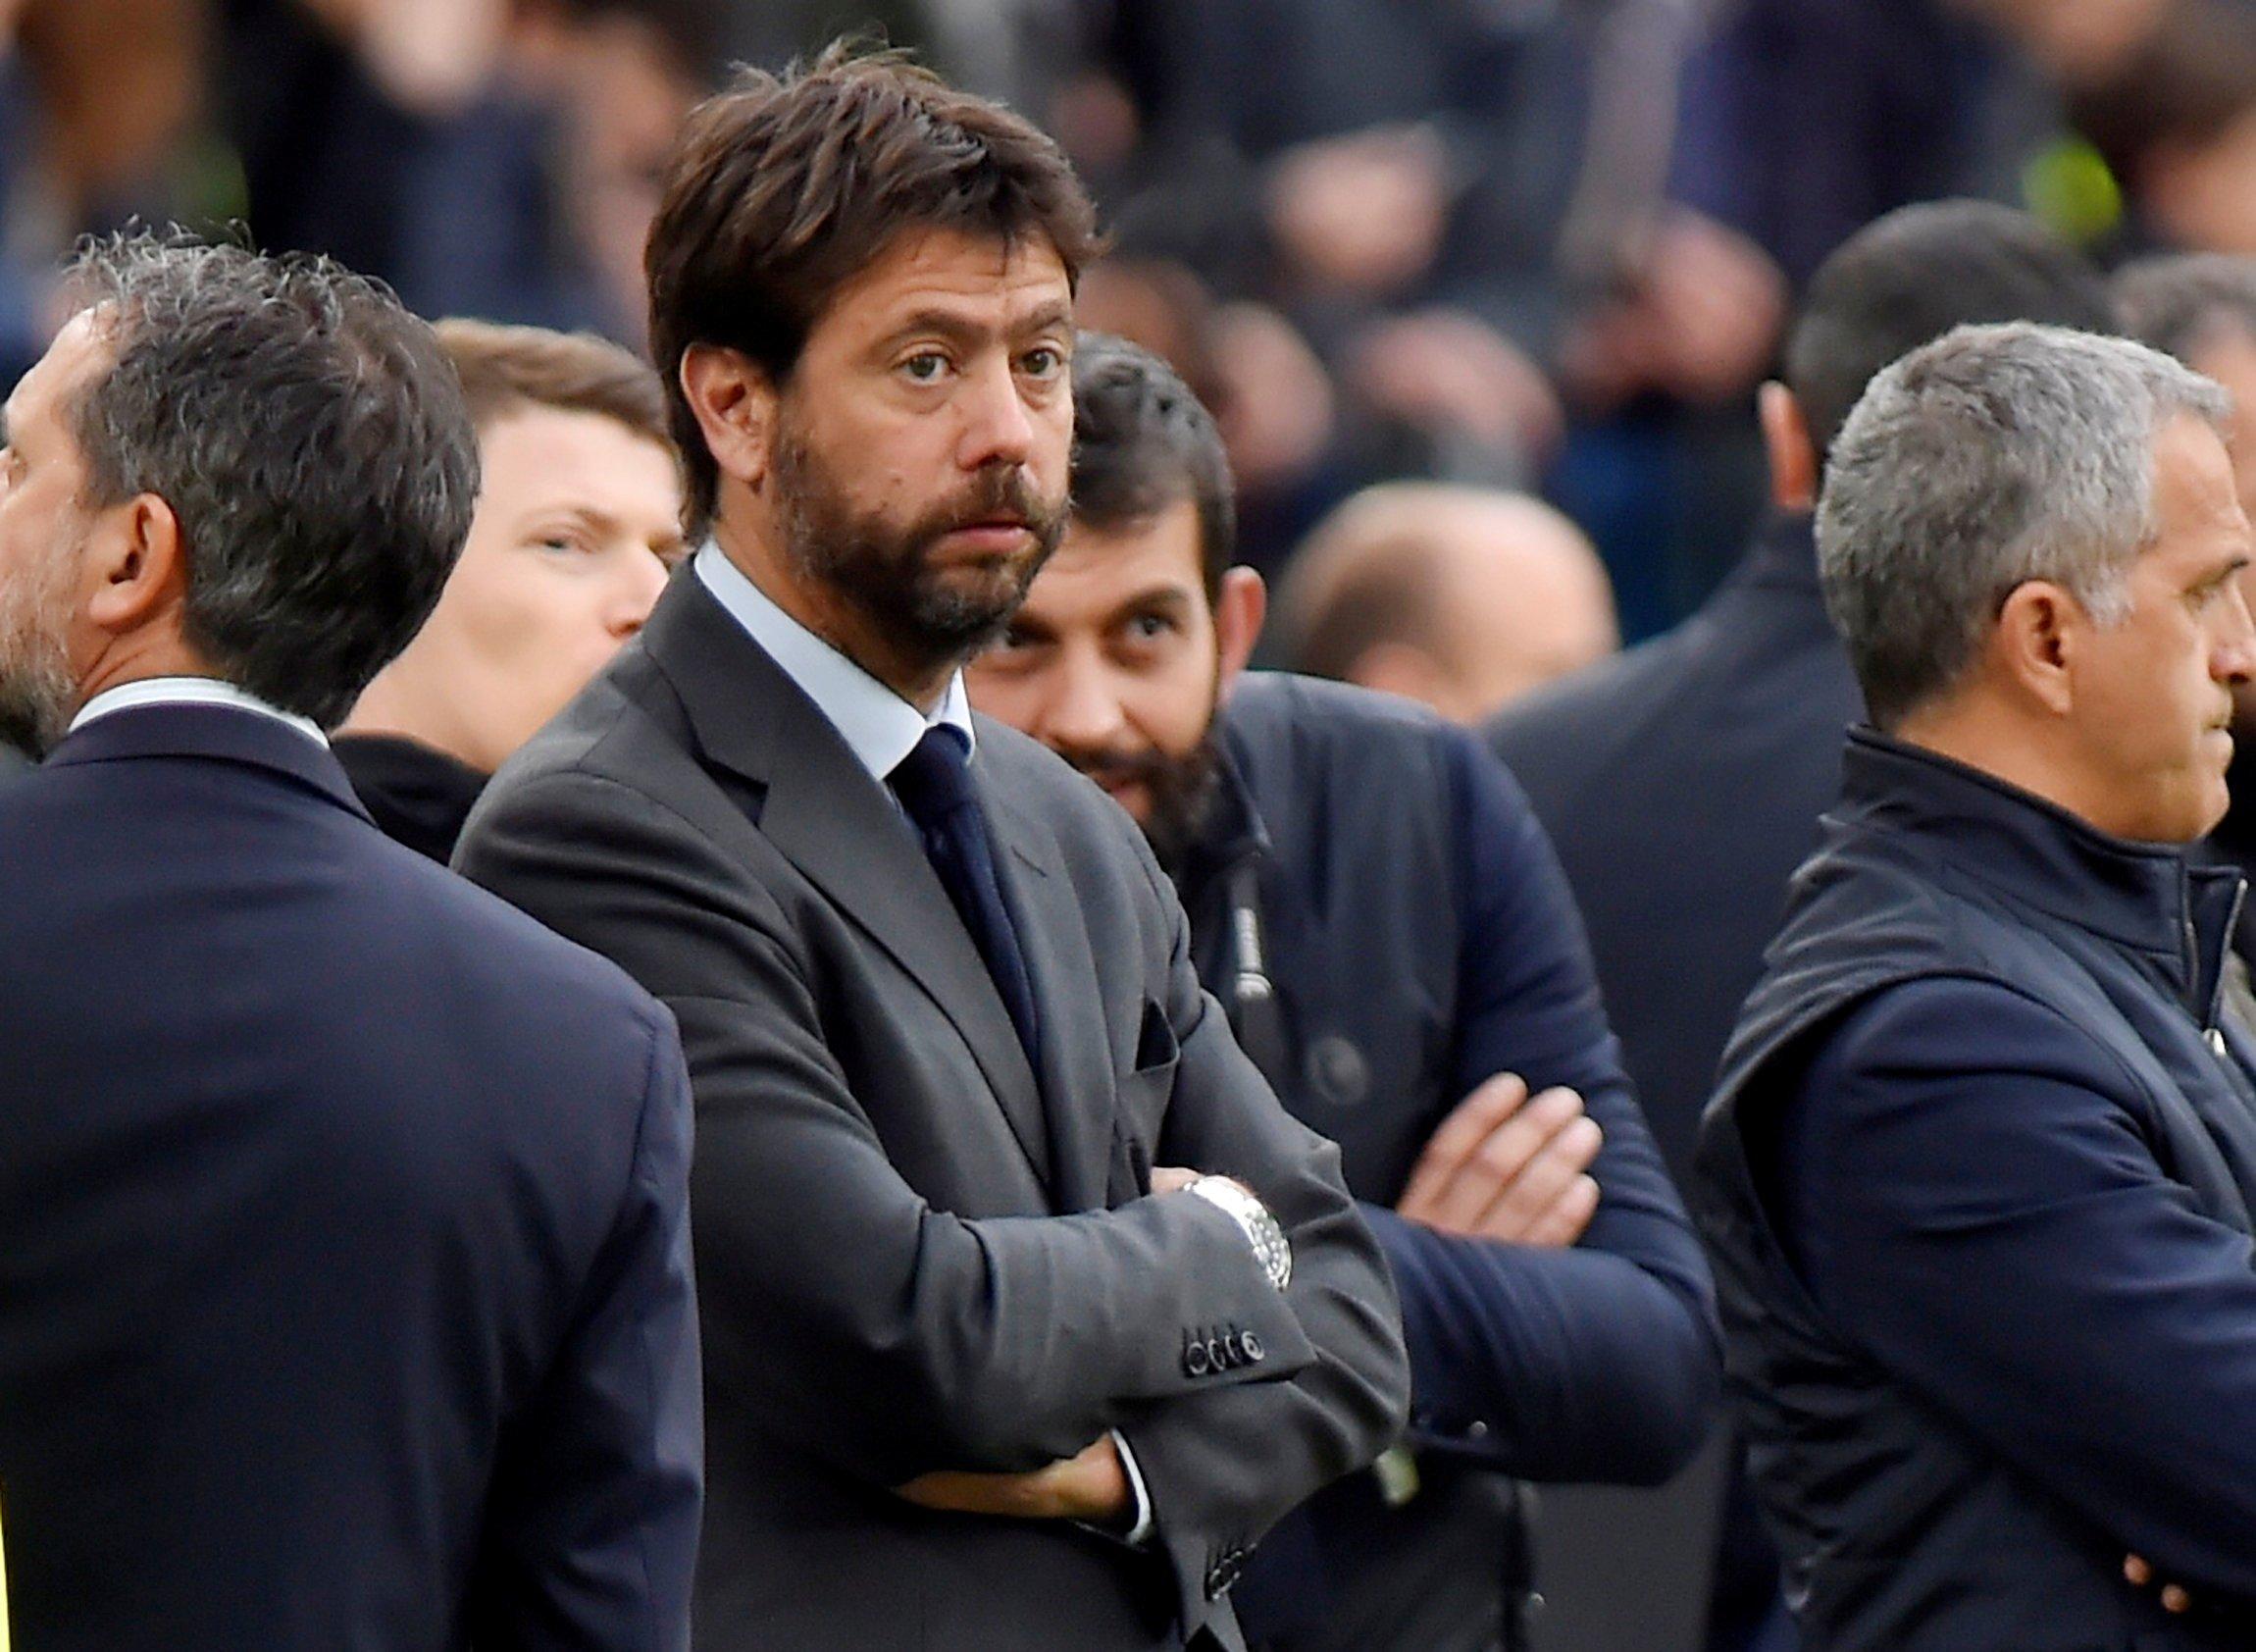 Ο Agnelli παραδέχεται την ήττα μετά την αποχώρηση των αγγλικών συλλόγων από το Super League